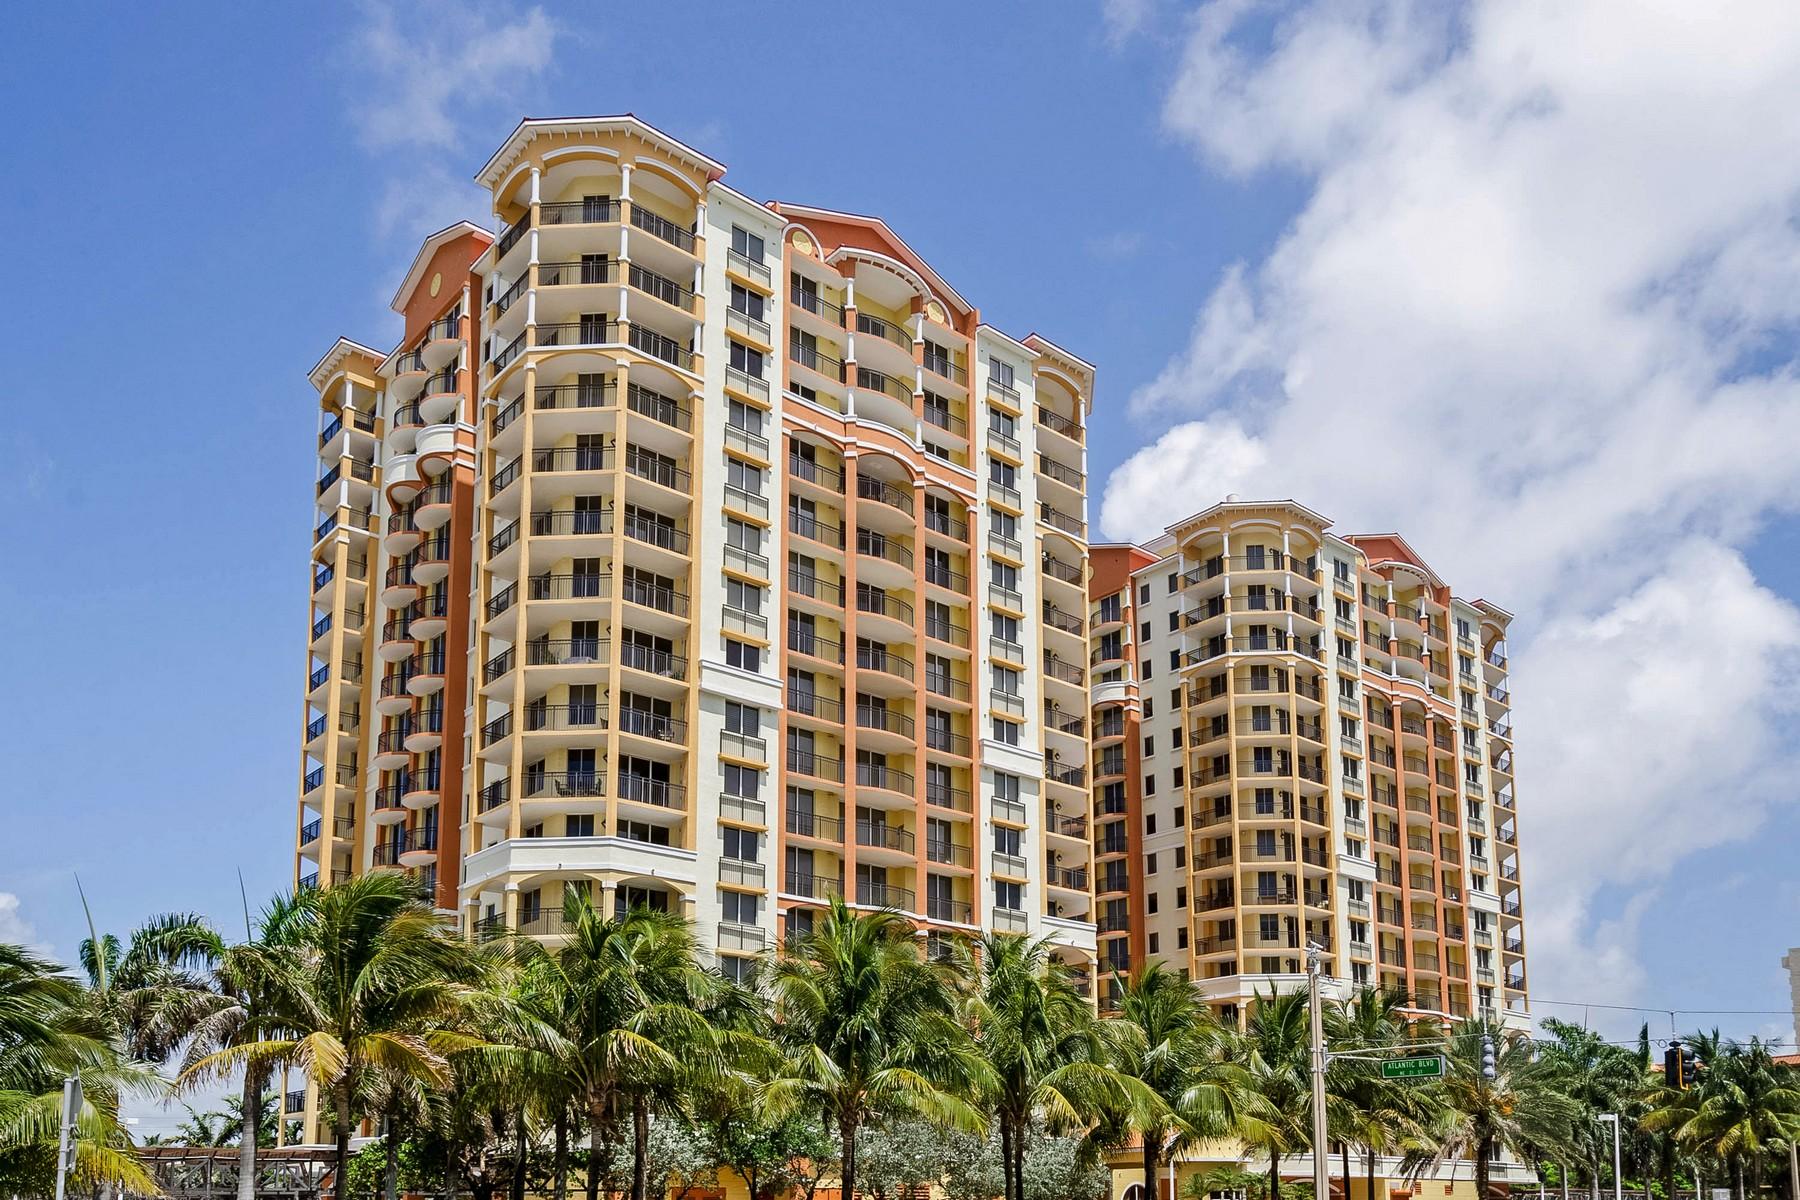 Condominium for Sale at Vue 2001 N Ocean Blvd. #702 Fort Lauderdale, Florida 33305 United States